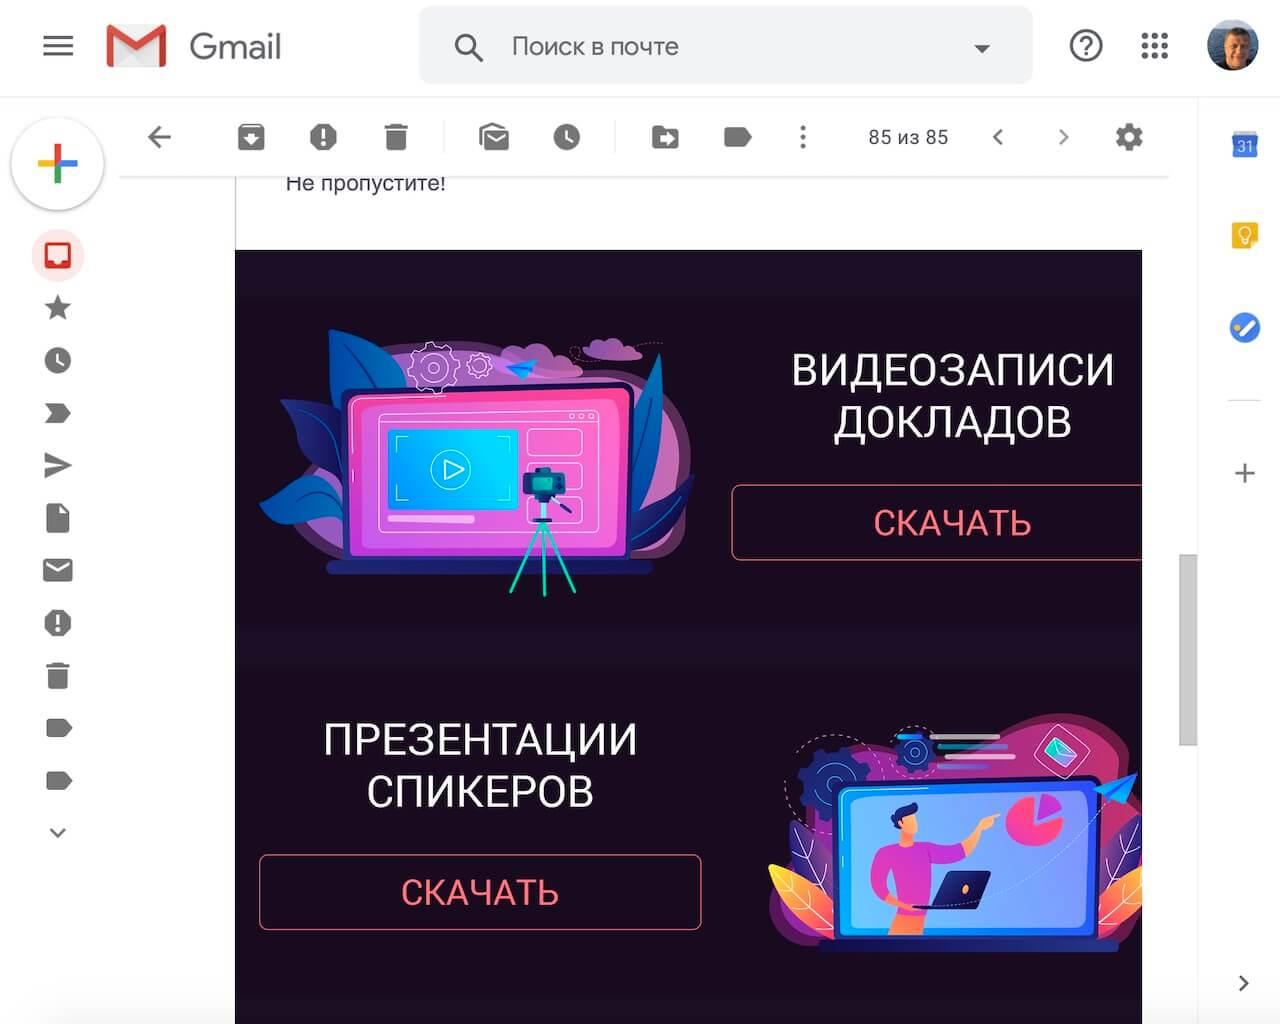 инфографика в email-маркетинге